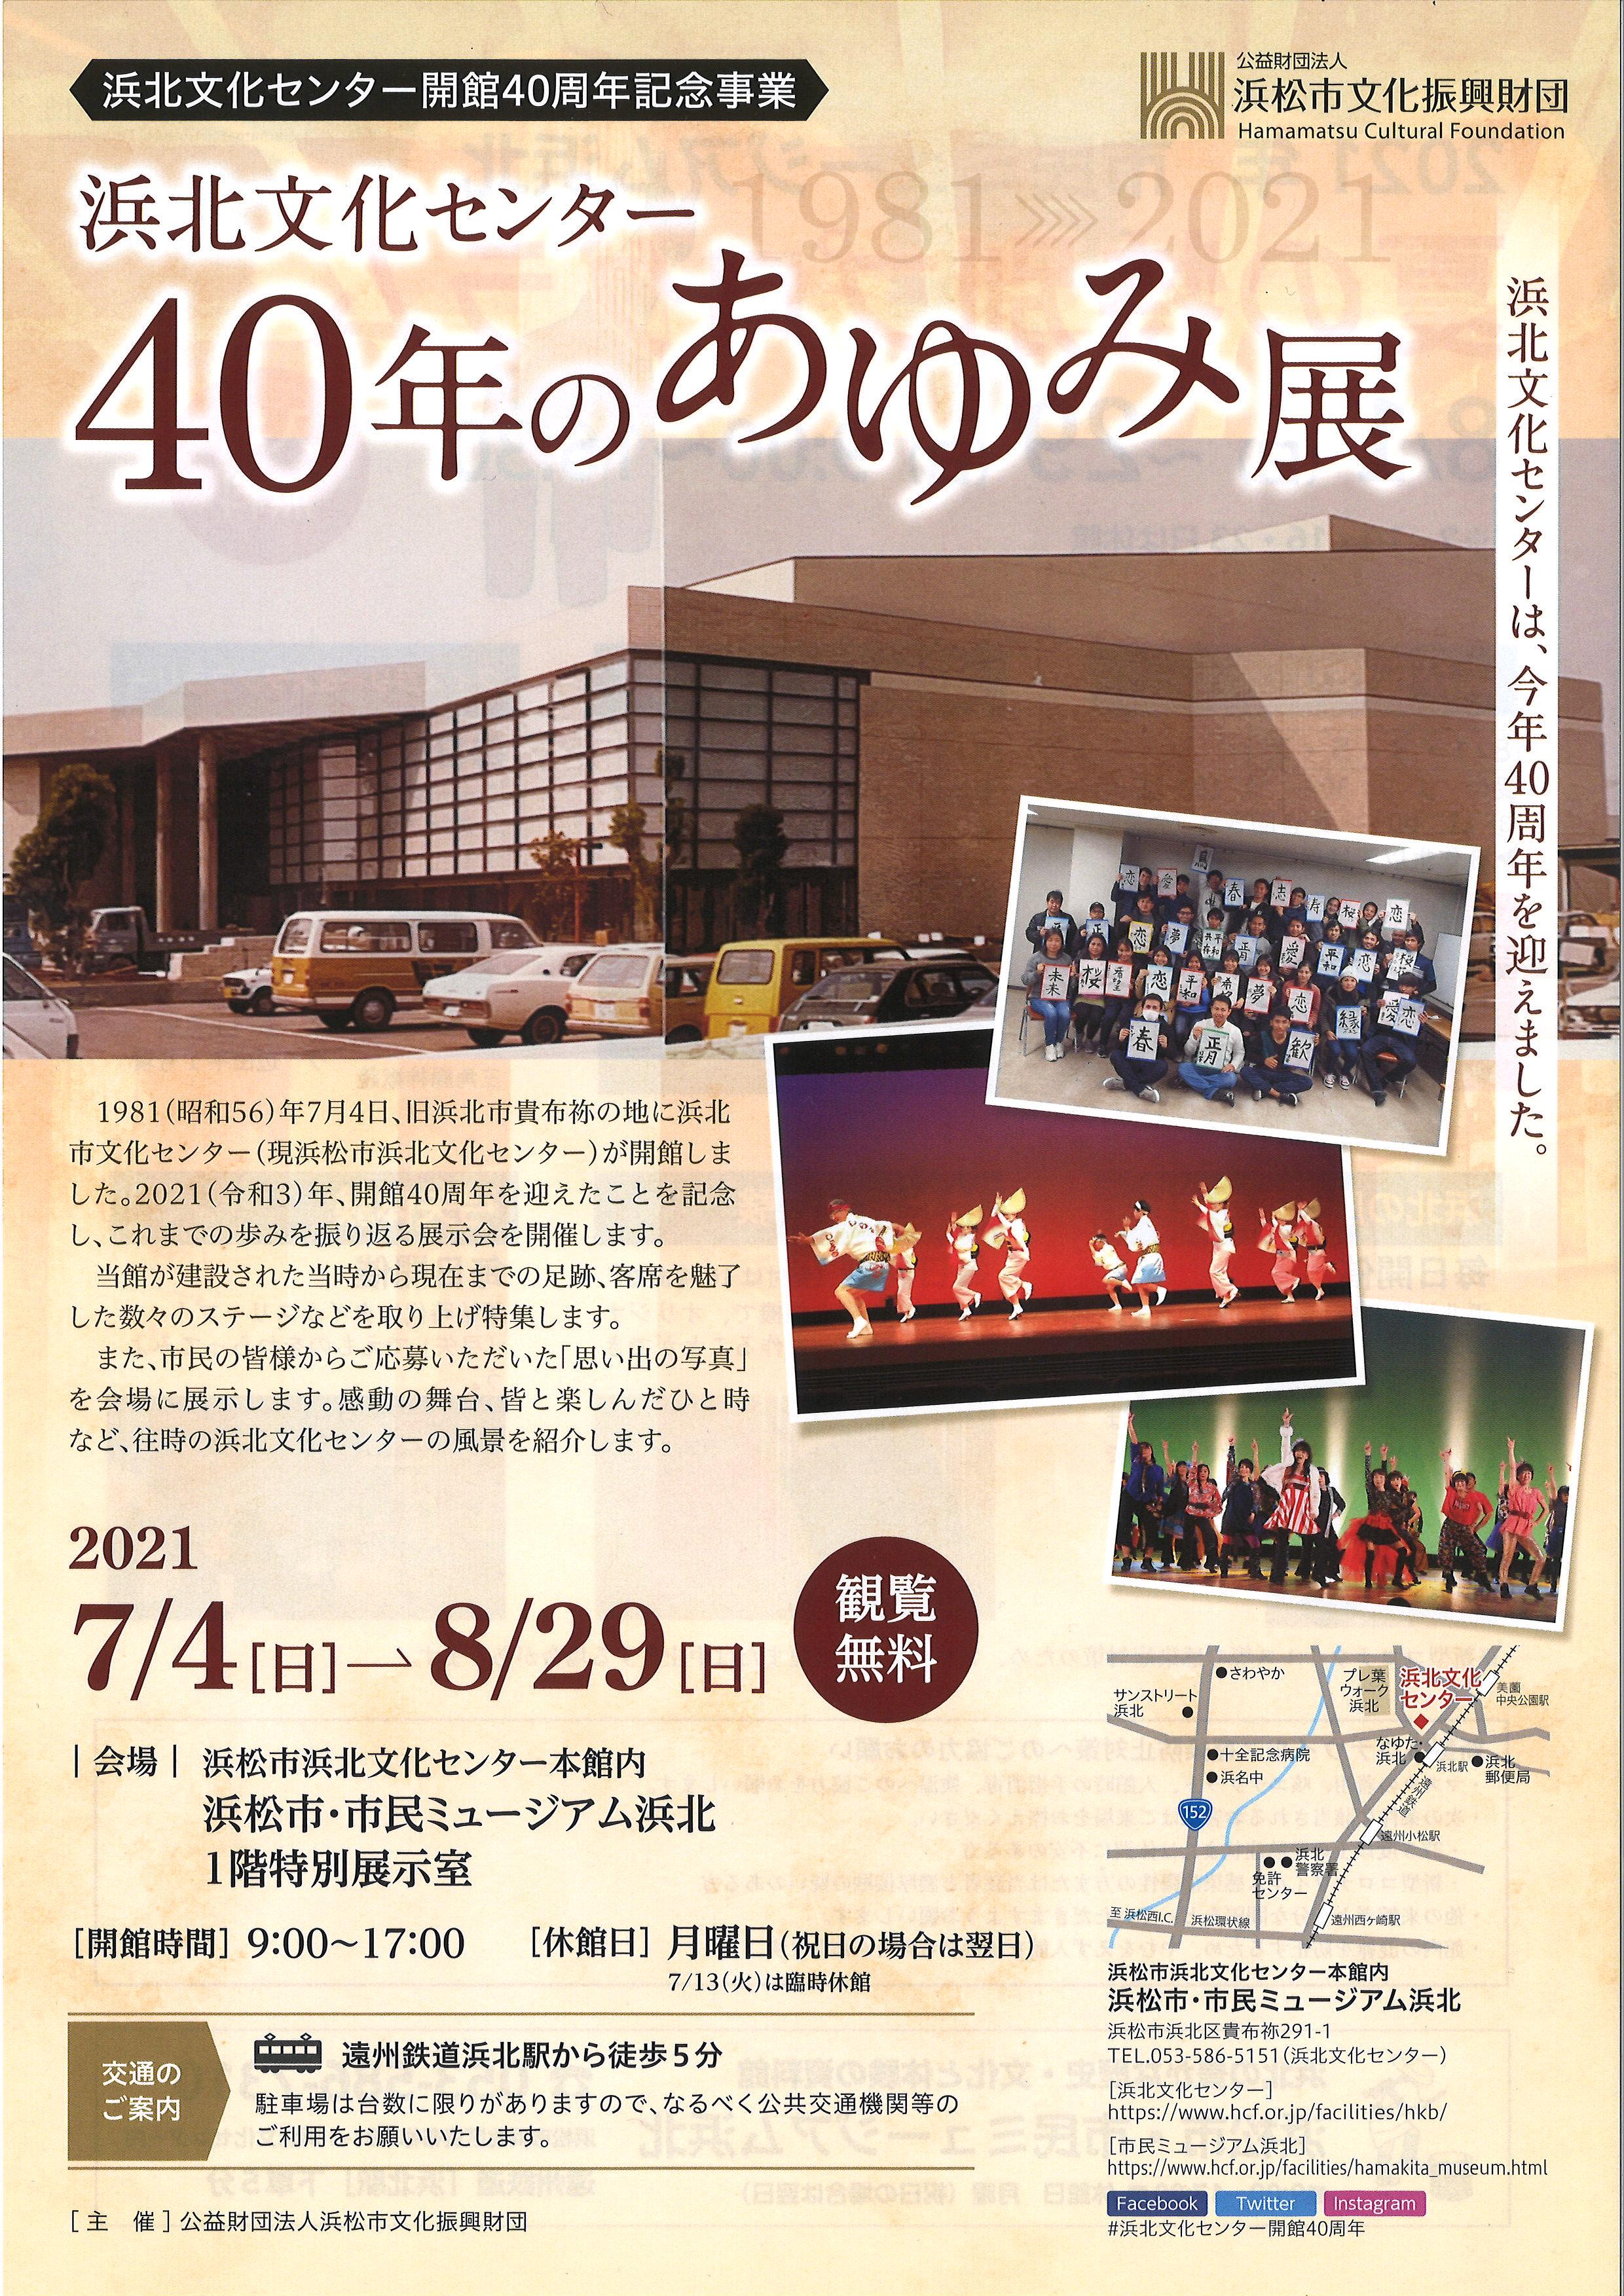 https://www.hcf.or.jp/facilities/hamakita_news/40th.jpg